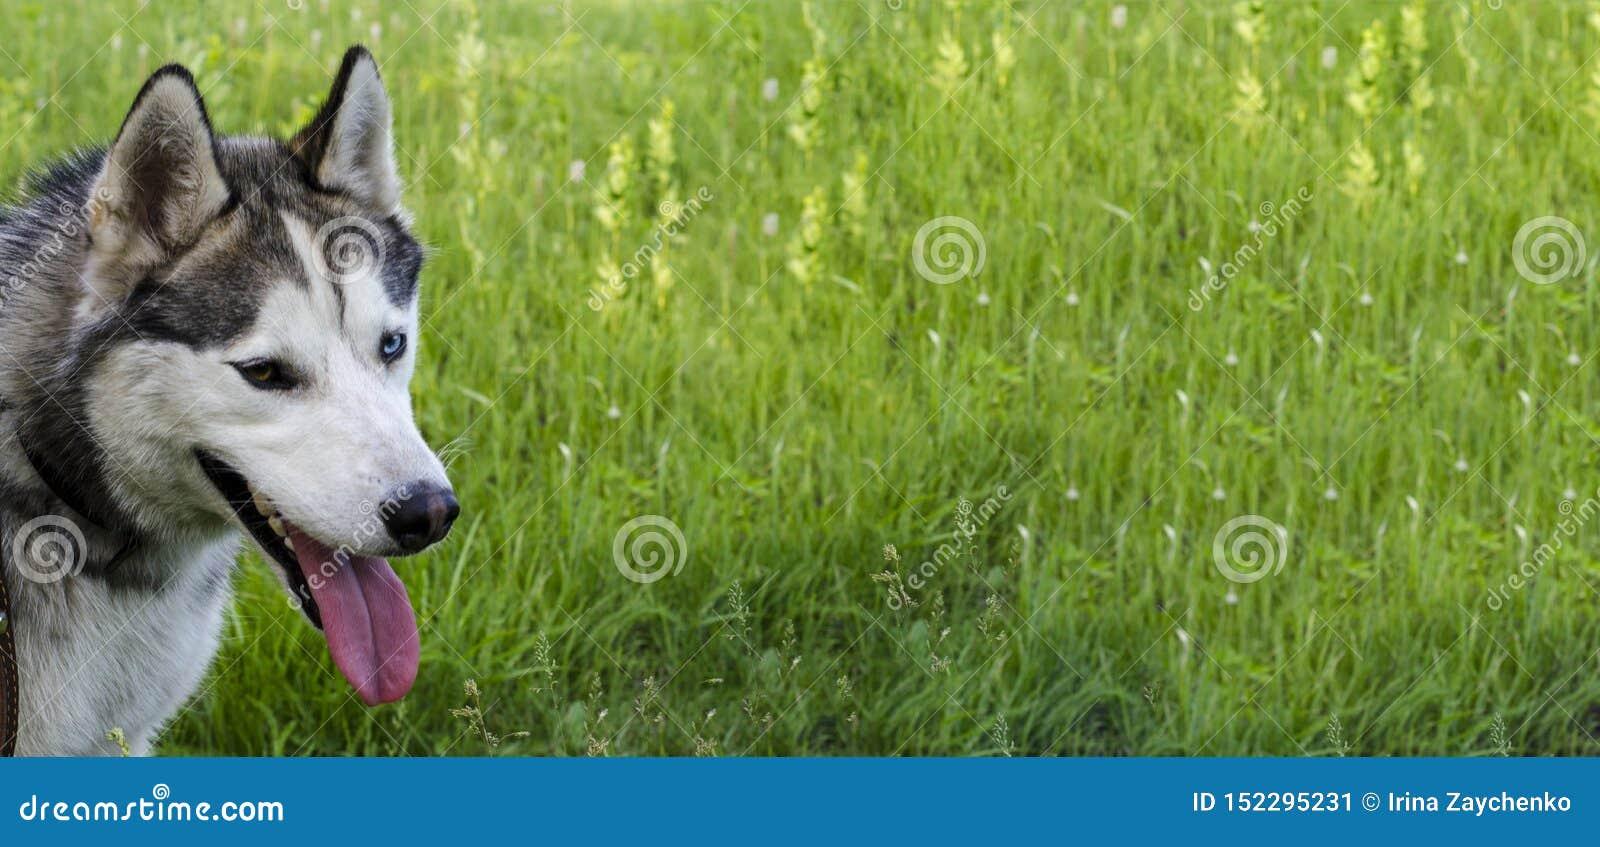 Reifer sibirischer Husky auf Hintergrund des grünen Grases Das Kabel hat Graues und weißer Pelz, verschiedene Augen sind blau und